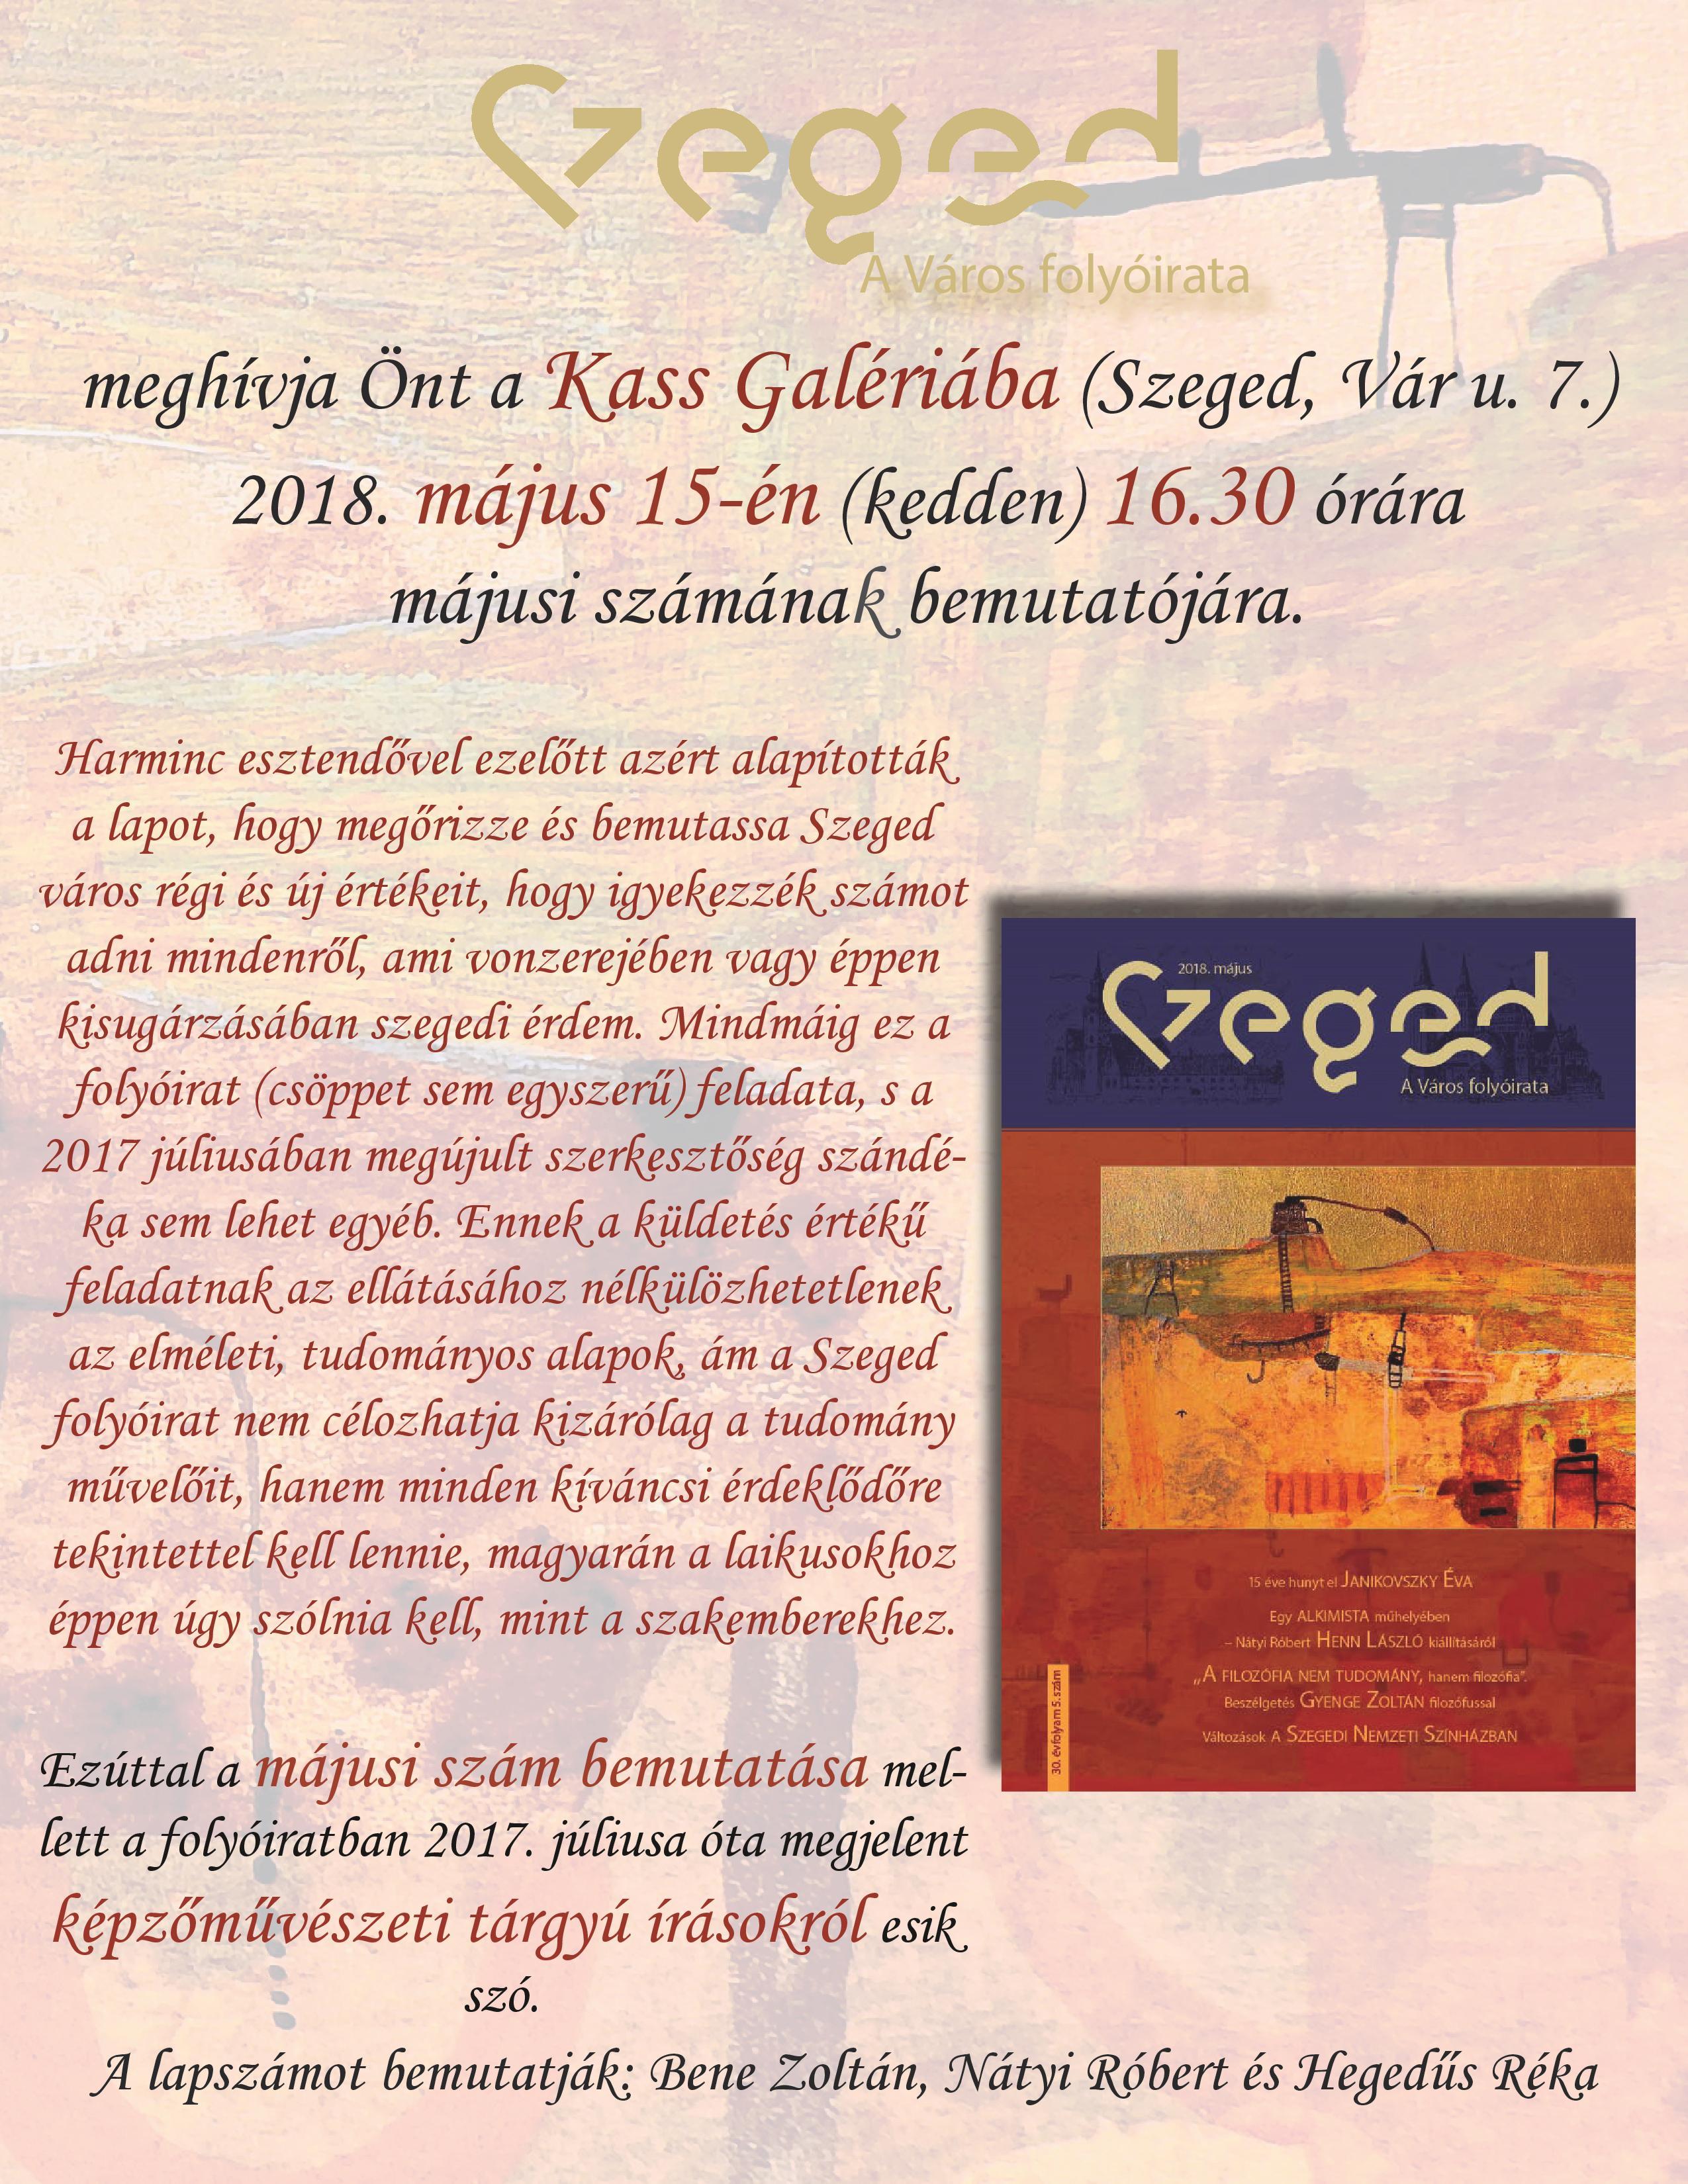 Szeged-A város folyóirata